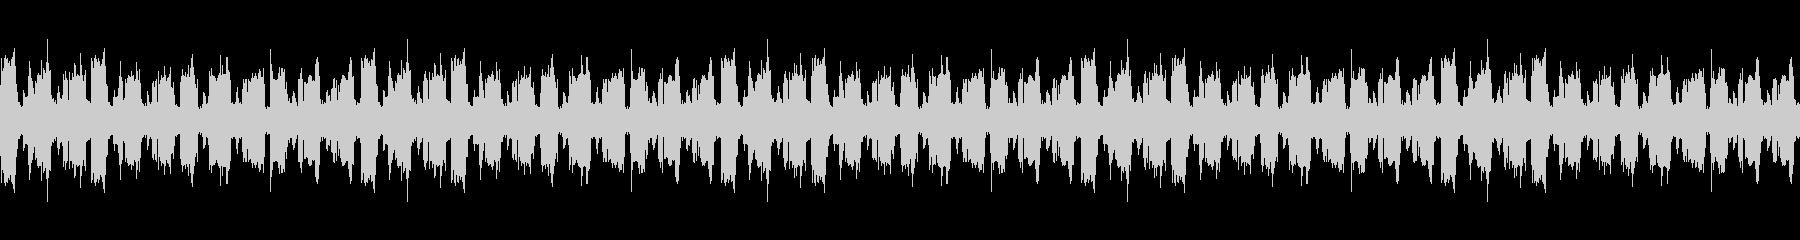 通電ループ2の未再生の波形